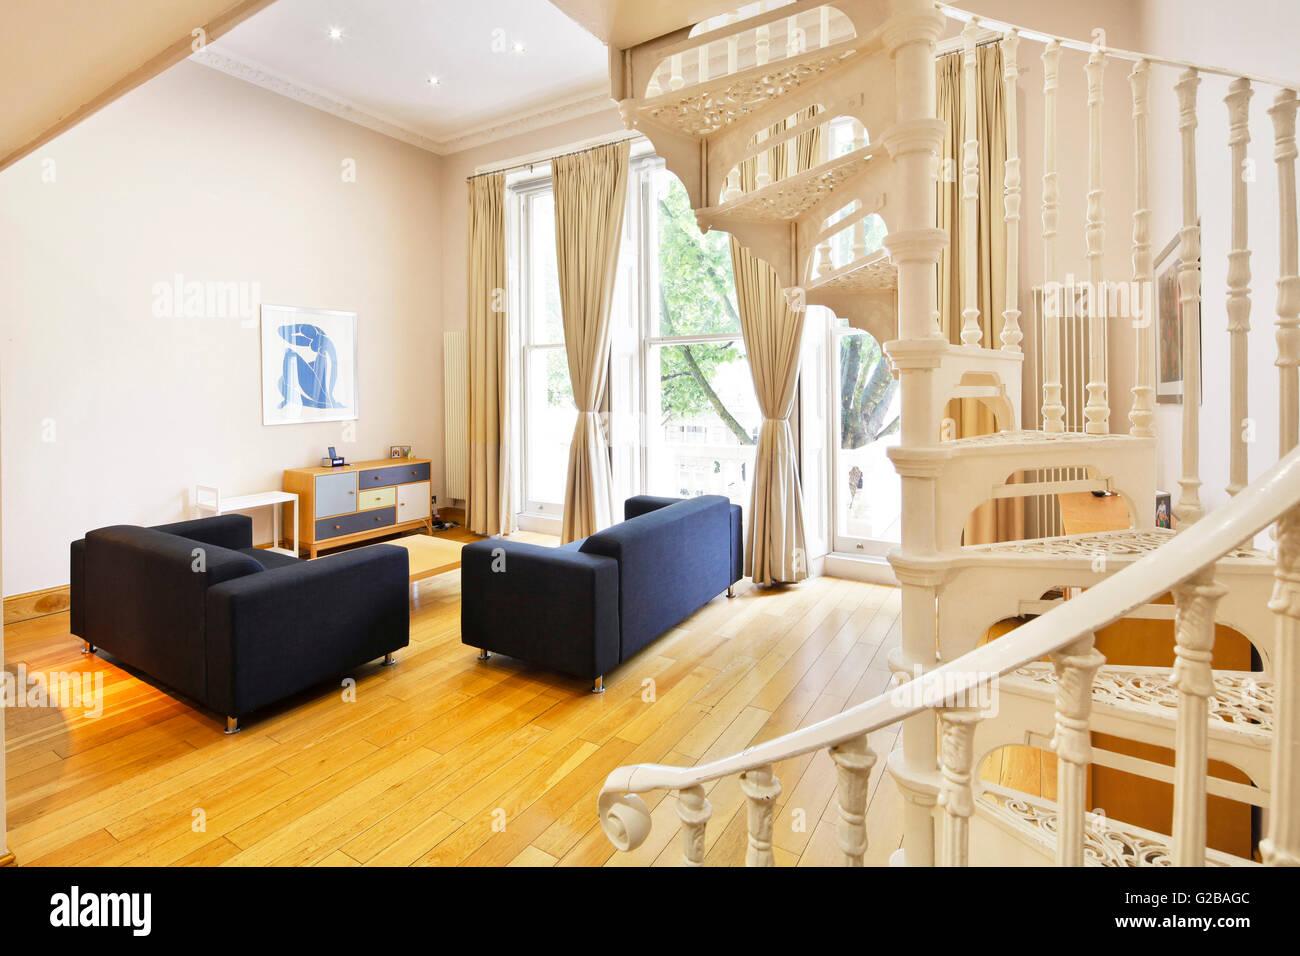 Inverness Terrace. Spazioso soggiorno con grandi finestre. White scala a spirale parzialmente a vista. Immagini Stock